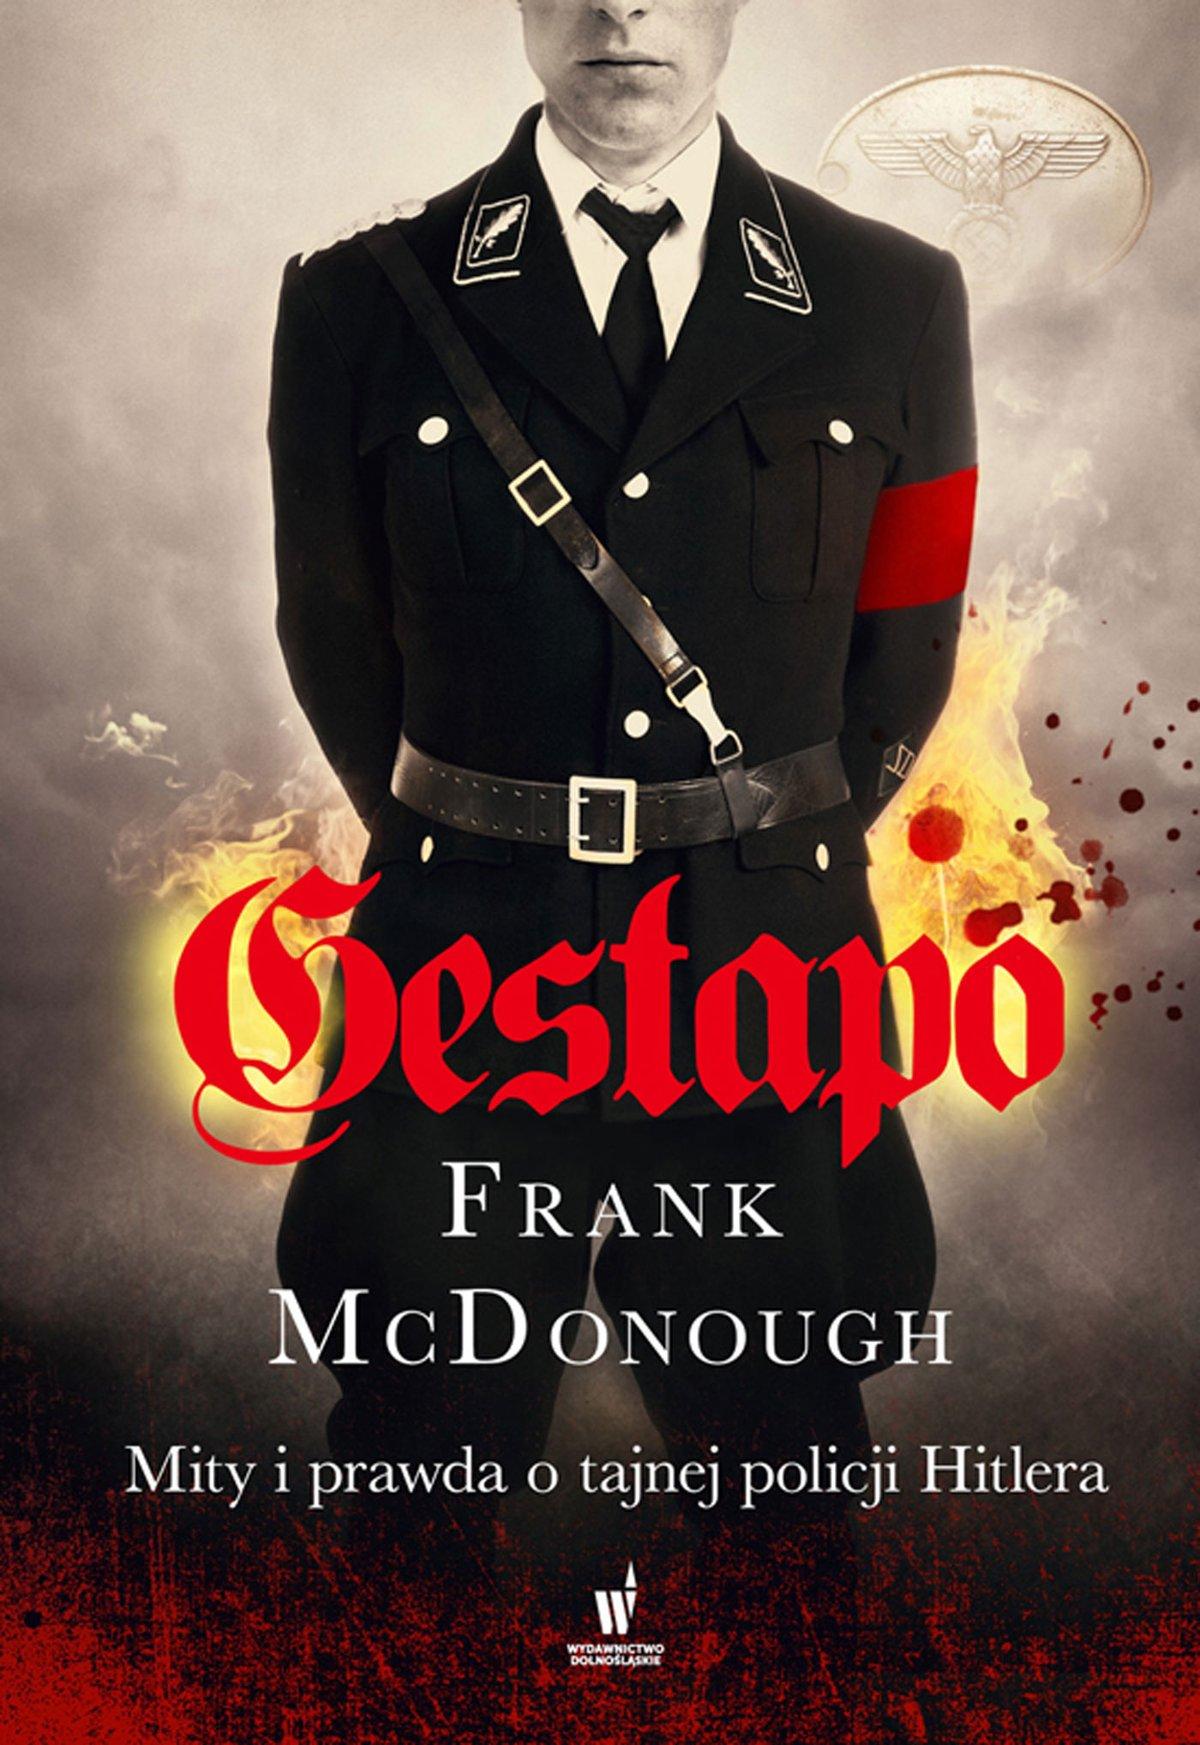 Gestapo - Ebook (Książka EPUB) do pobrania w formacie EPUB